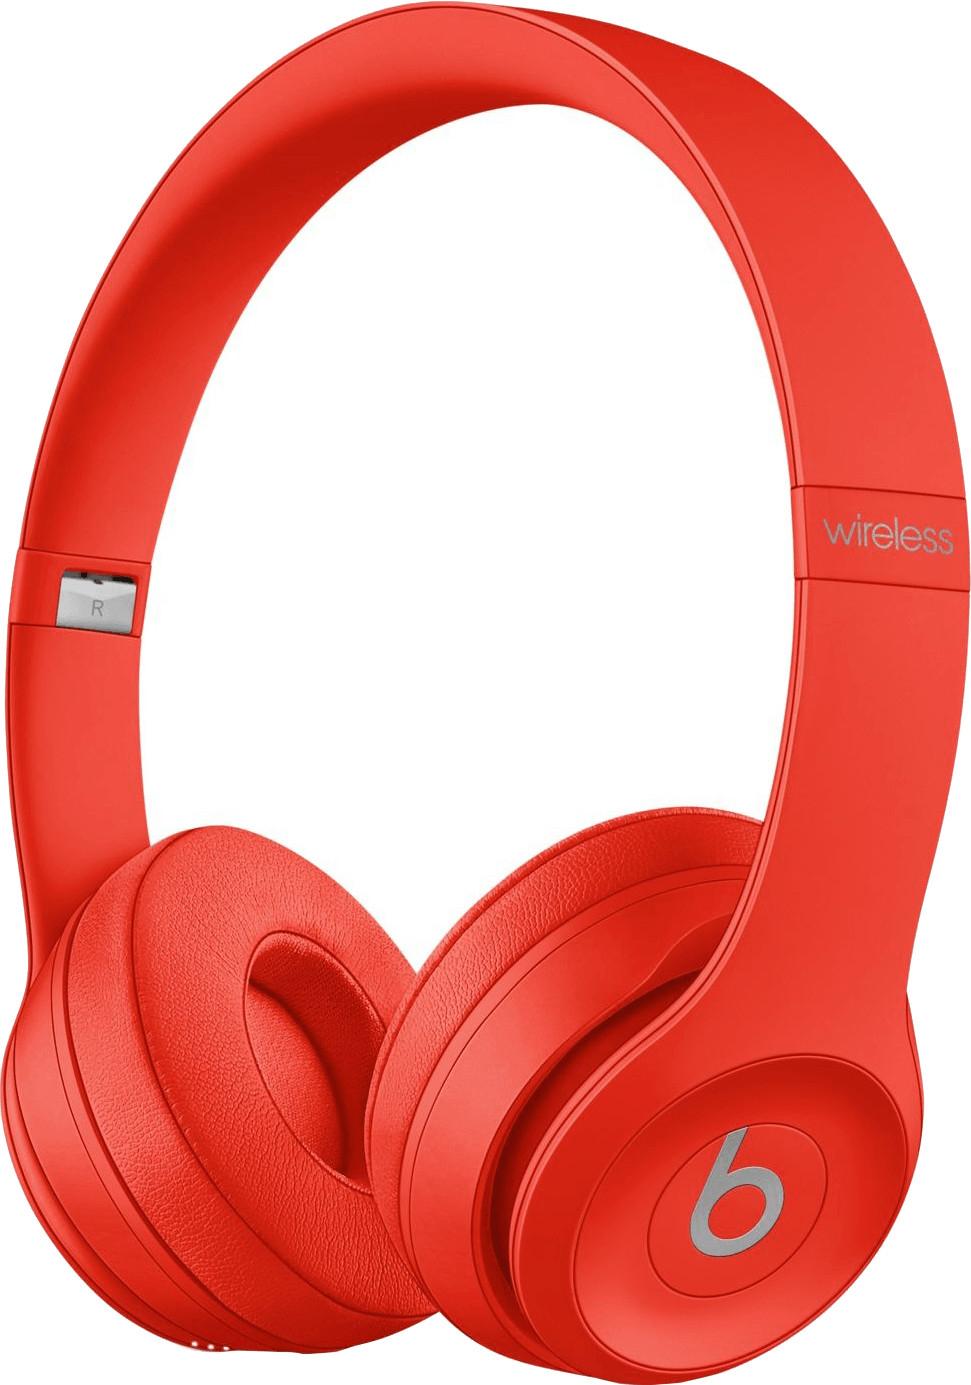 Beats by Dr. Dre Solo3 Wireless On-Ear-Kopfhörer rot (Bluetooth, ~40h Akkulaufzeit, Micro-USB, Klinke, Mikrofon, faltbar, 215g)